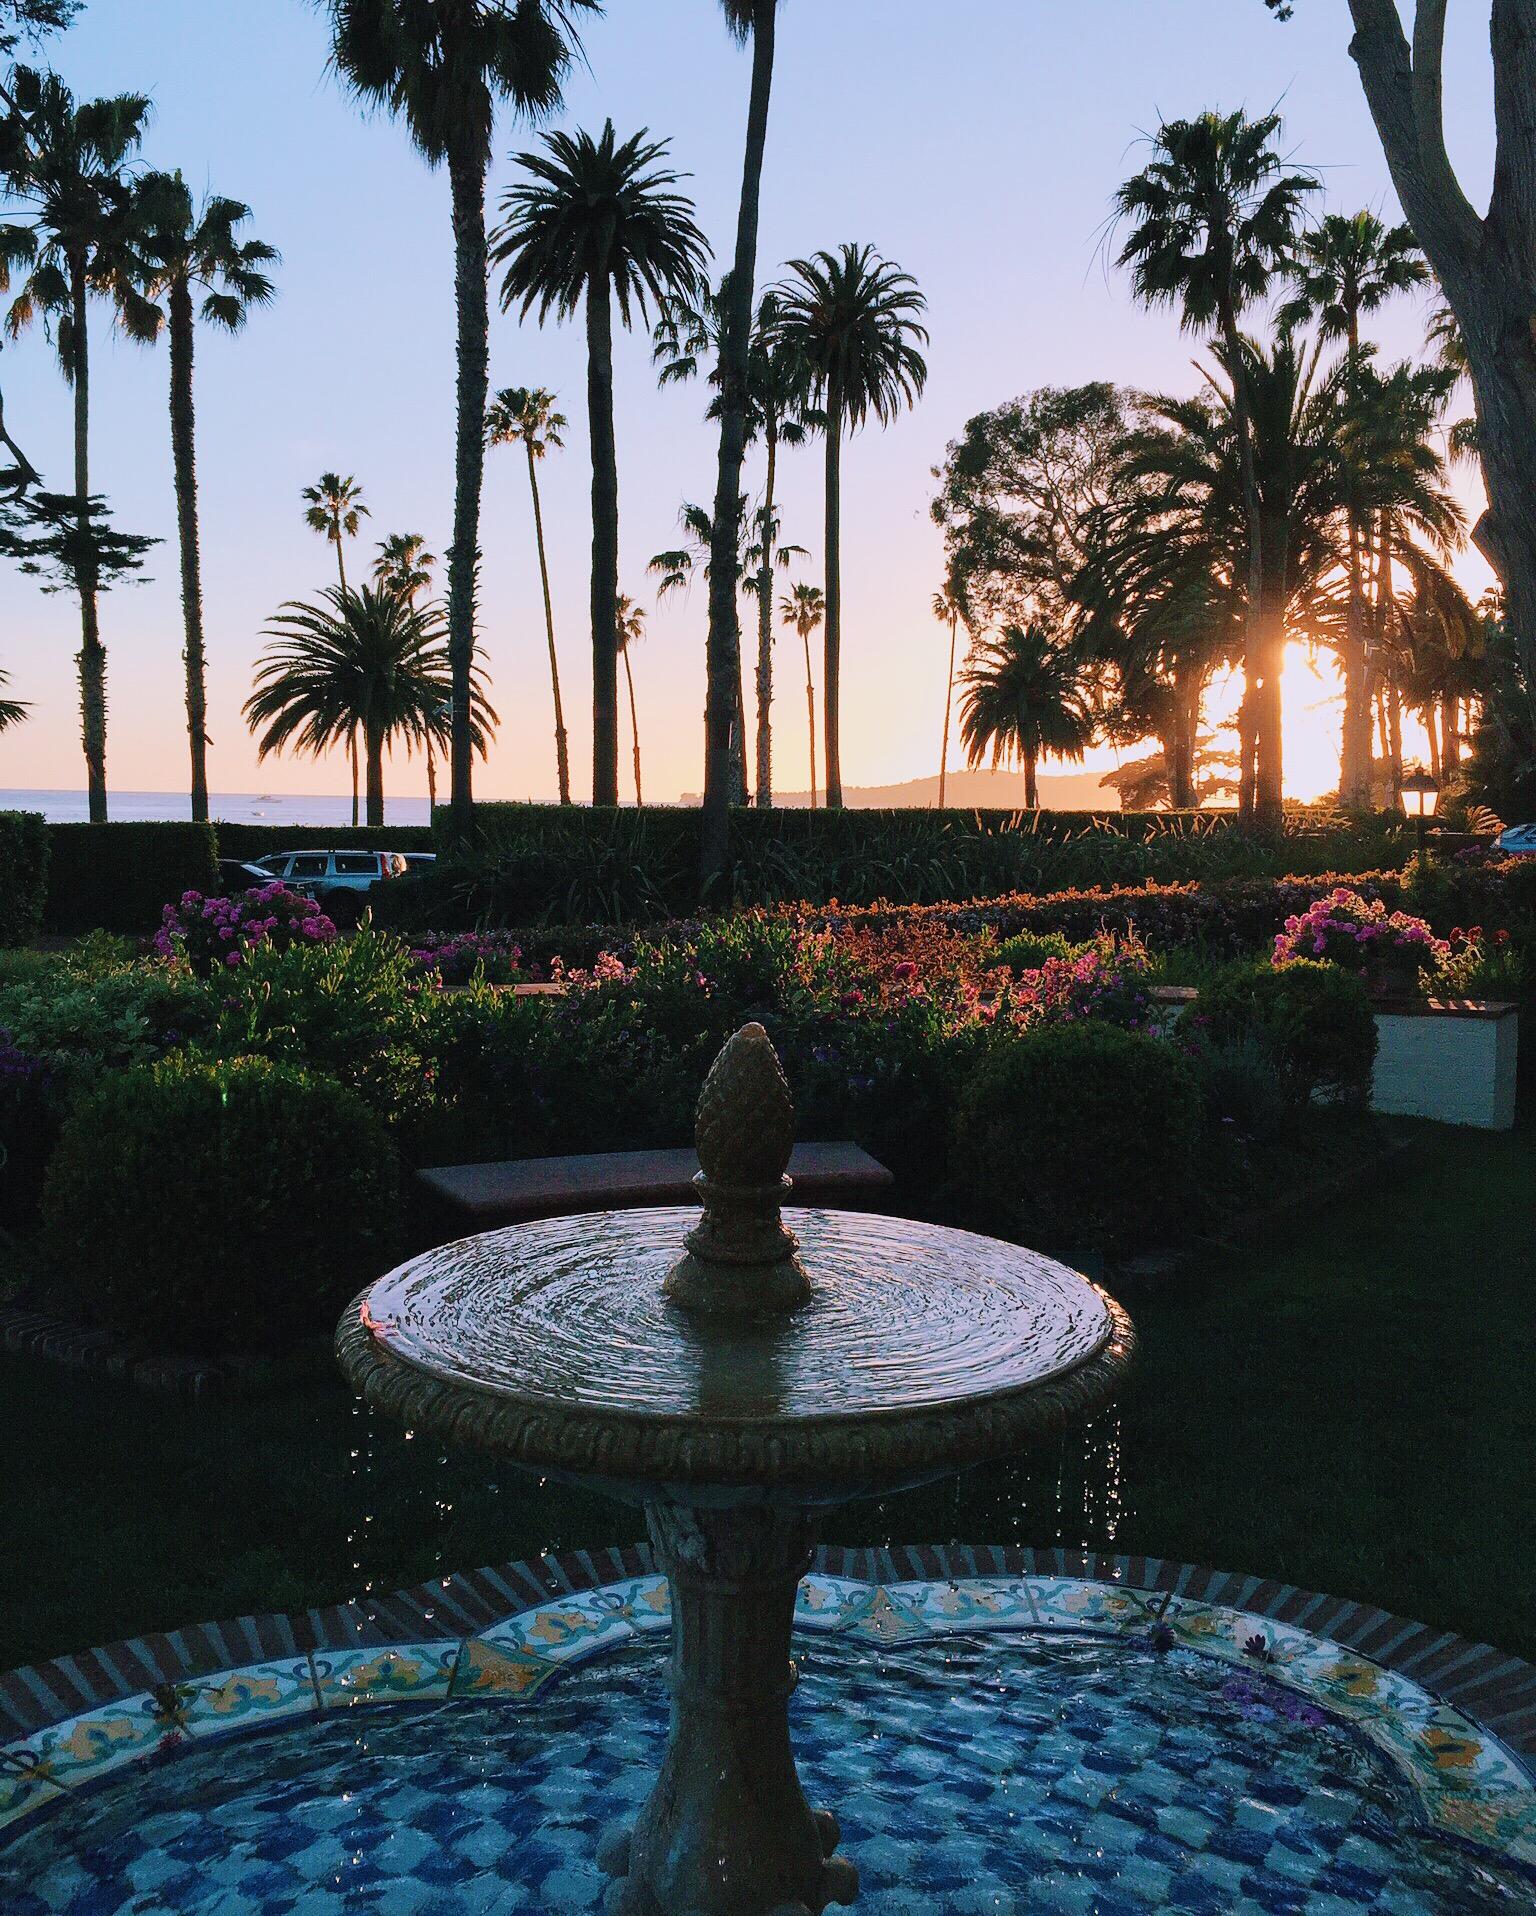 Four Seasons Resort The Biltmore Santa Barbara Fountain